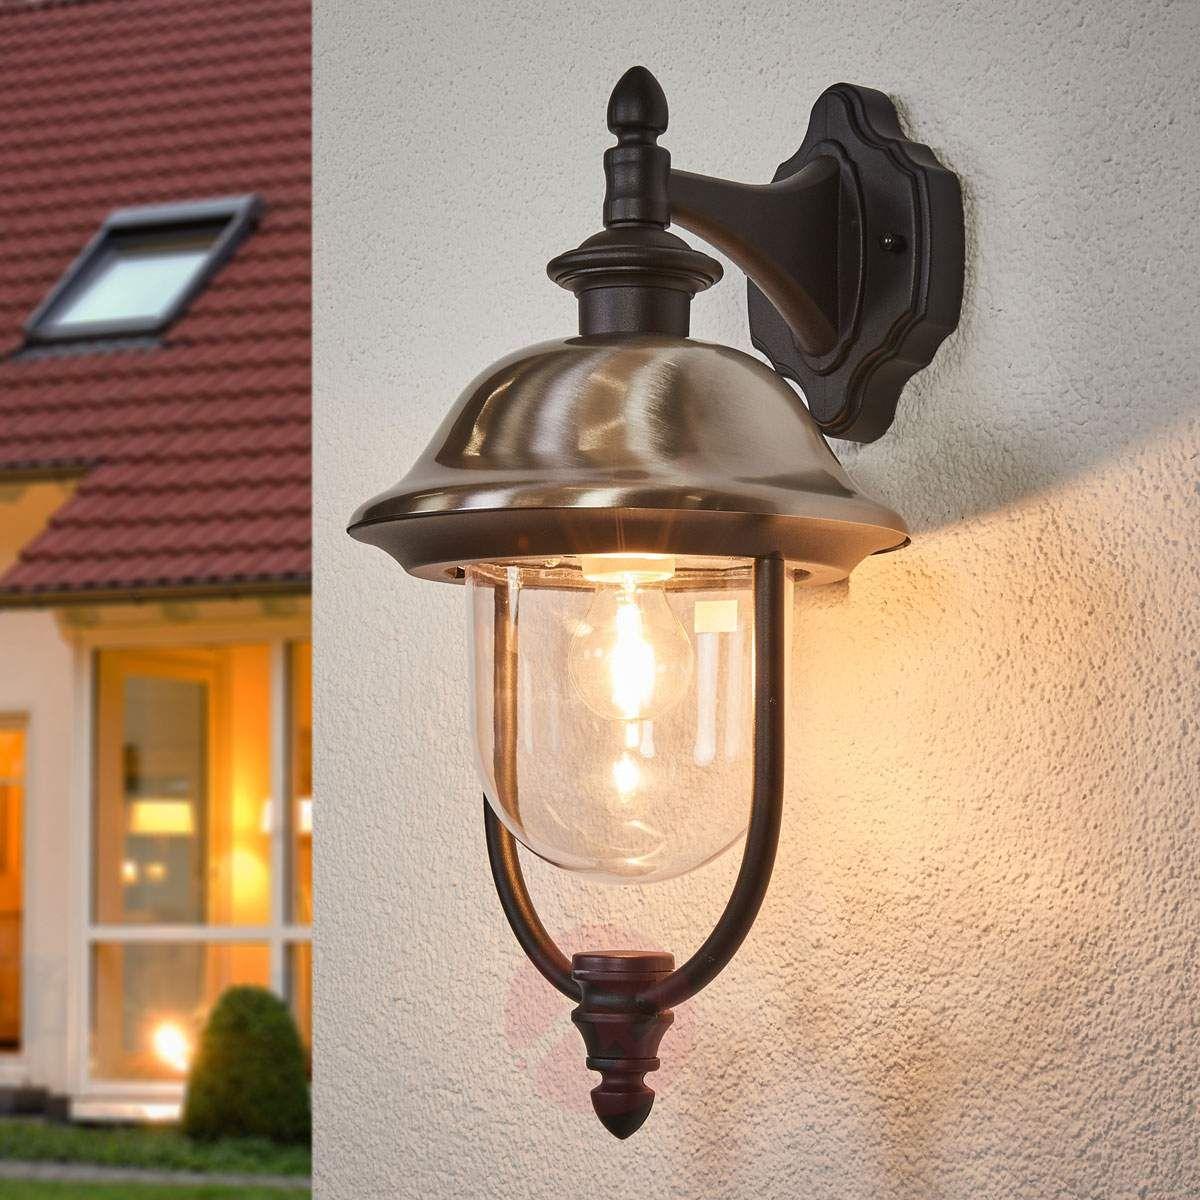 Zewnętrzna Lampa ścienna Parma Lampy Wiszące Zewnętrzne In